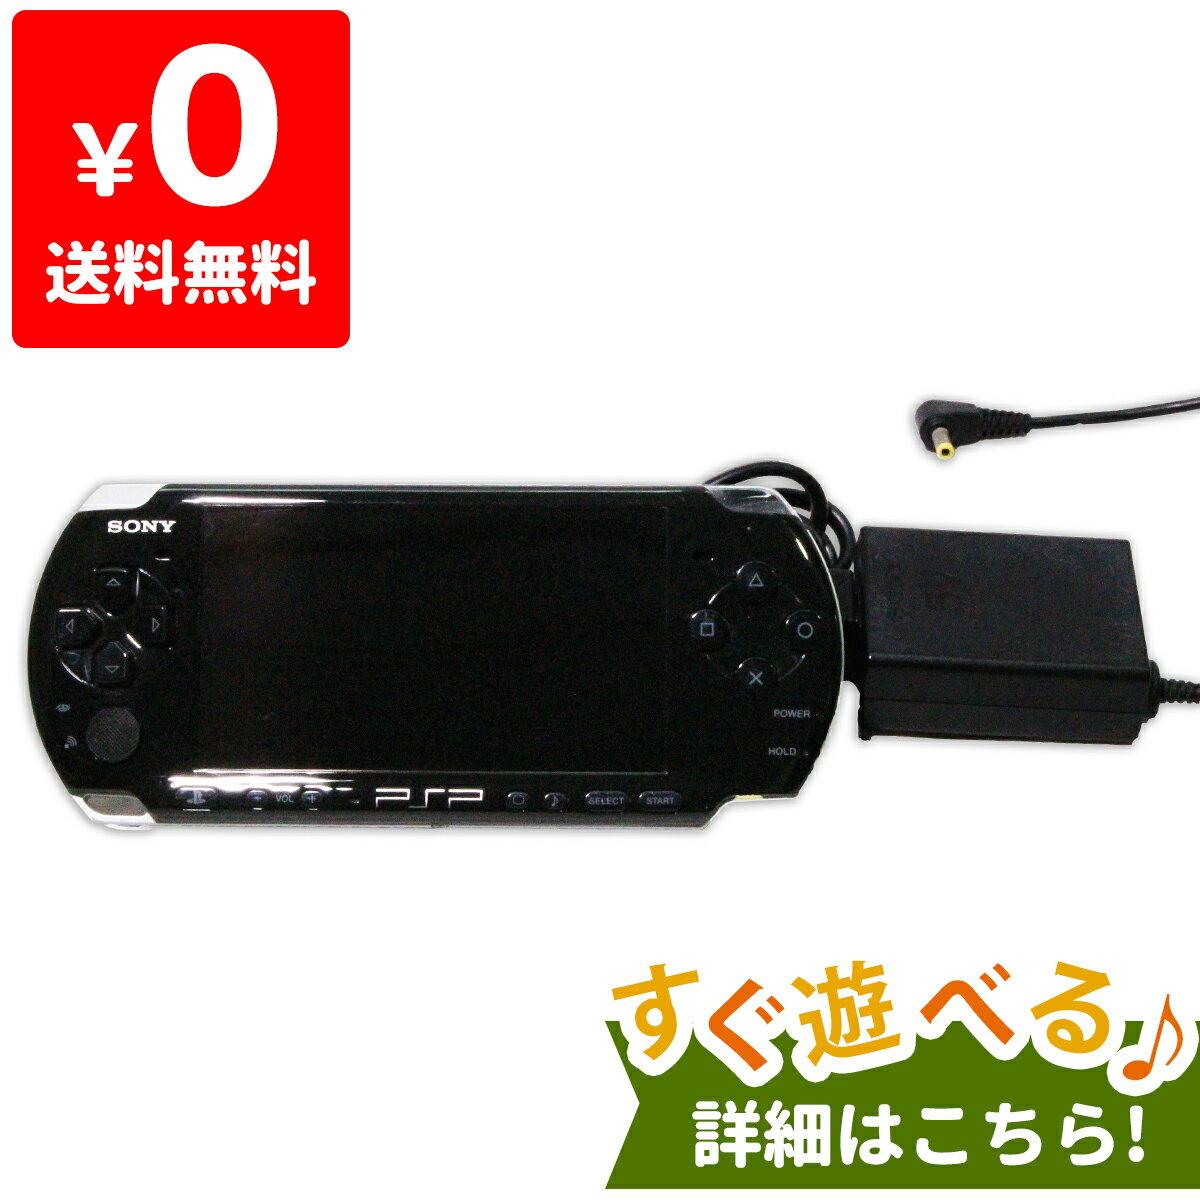 PSP 本体 PSP-3000PB ピアノ・ブラック PSP-3000 すぐ遊べるセット プレイステーションポータブル ゲーム機 中古 4948872411967 送料無料 【中古】